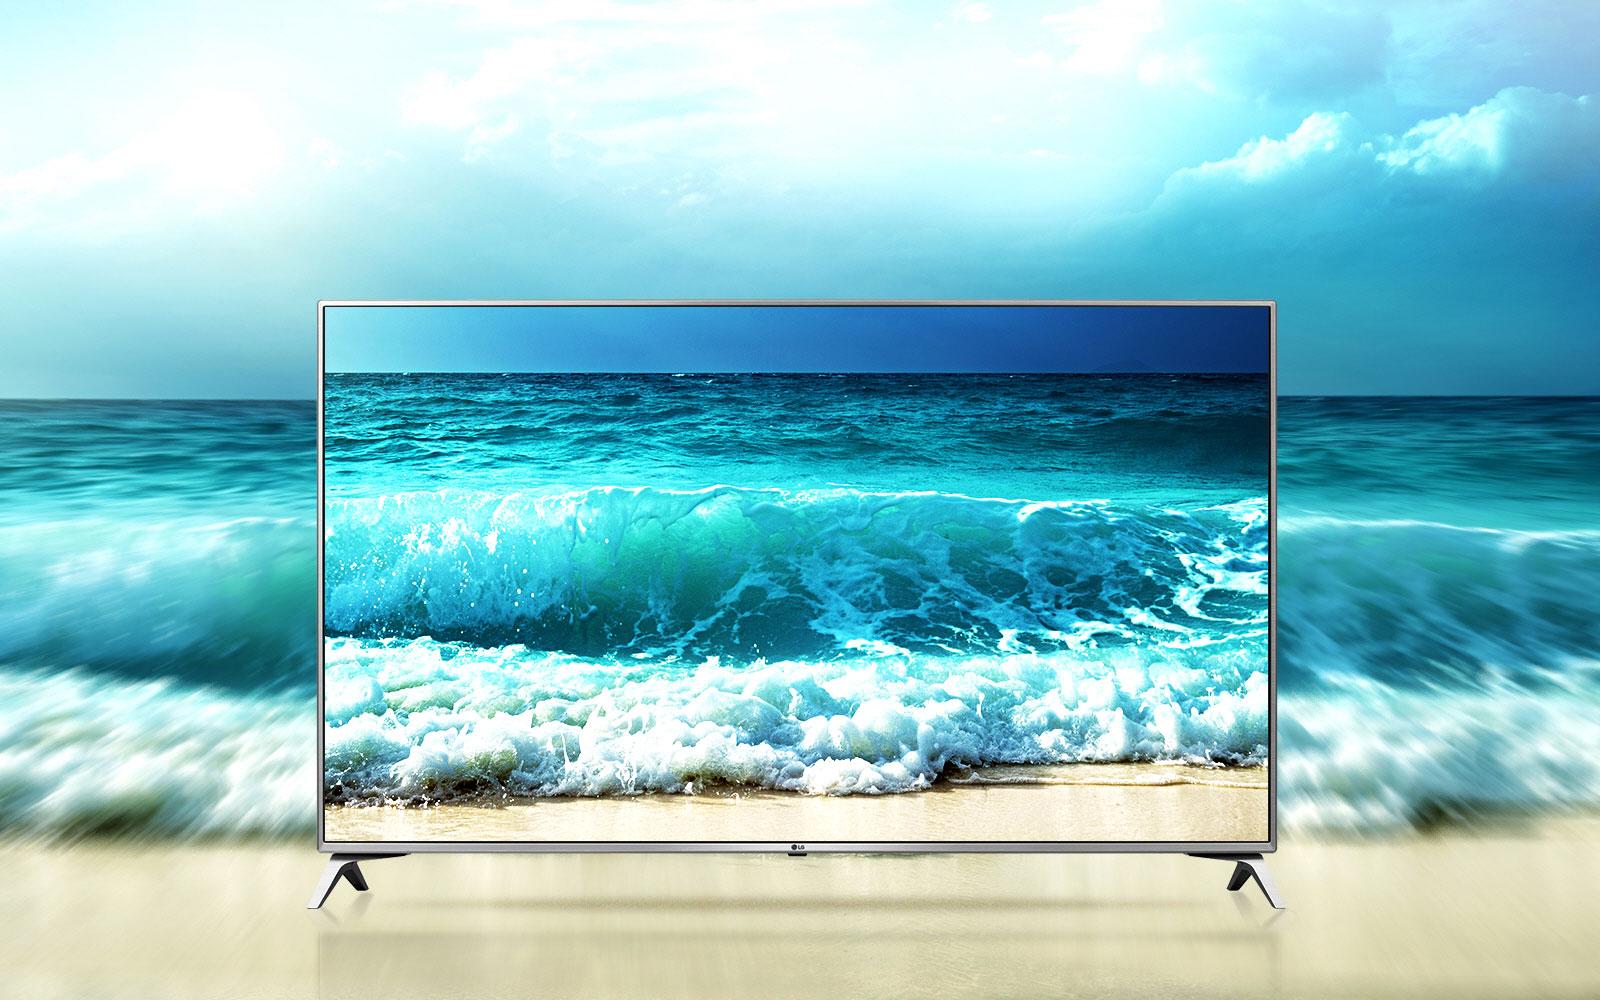 قیمت تلویزیون 4K ال جی مدل 49UJ651 سایز 49 اینچ